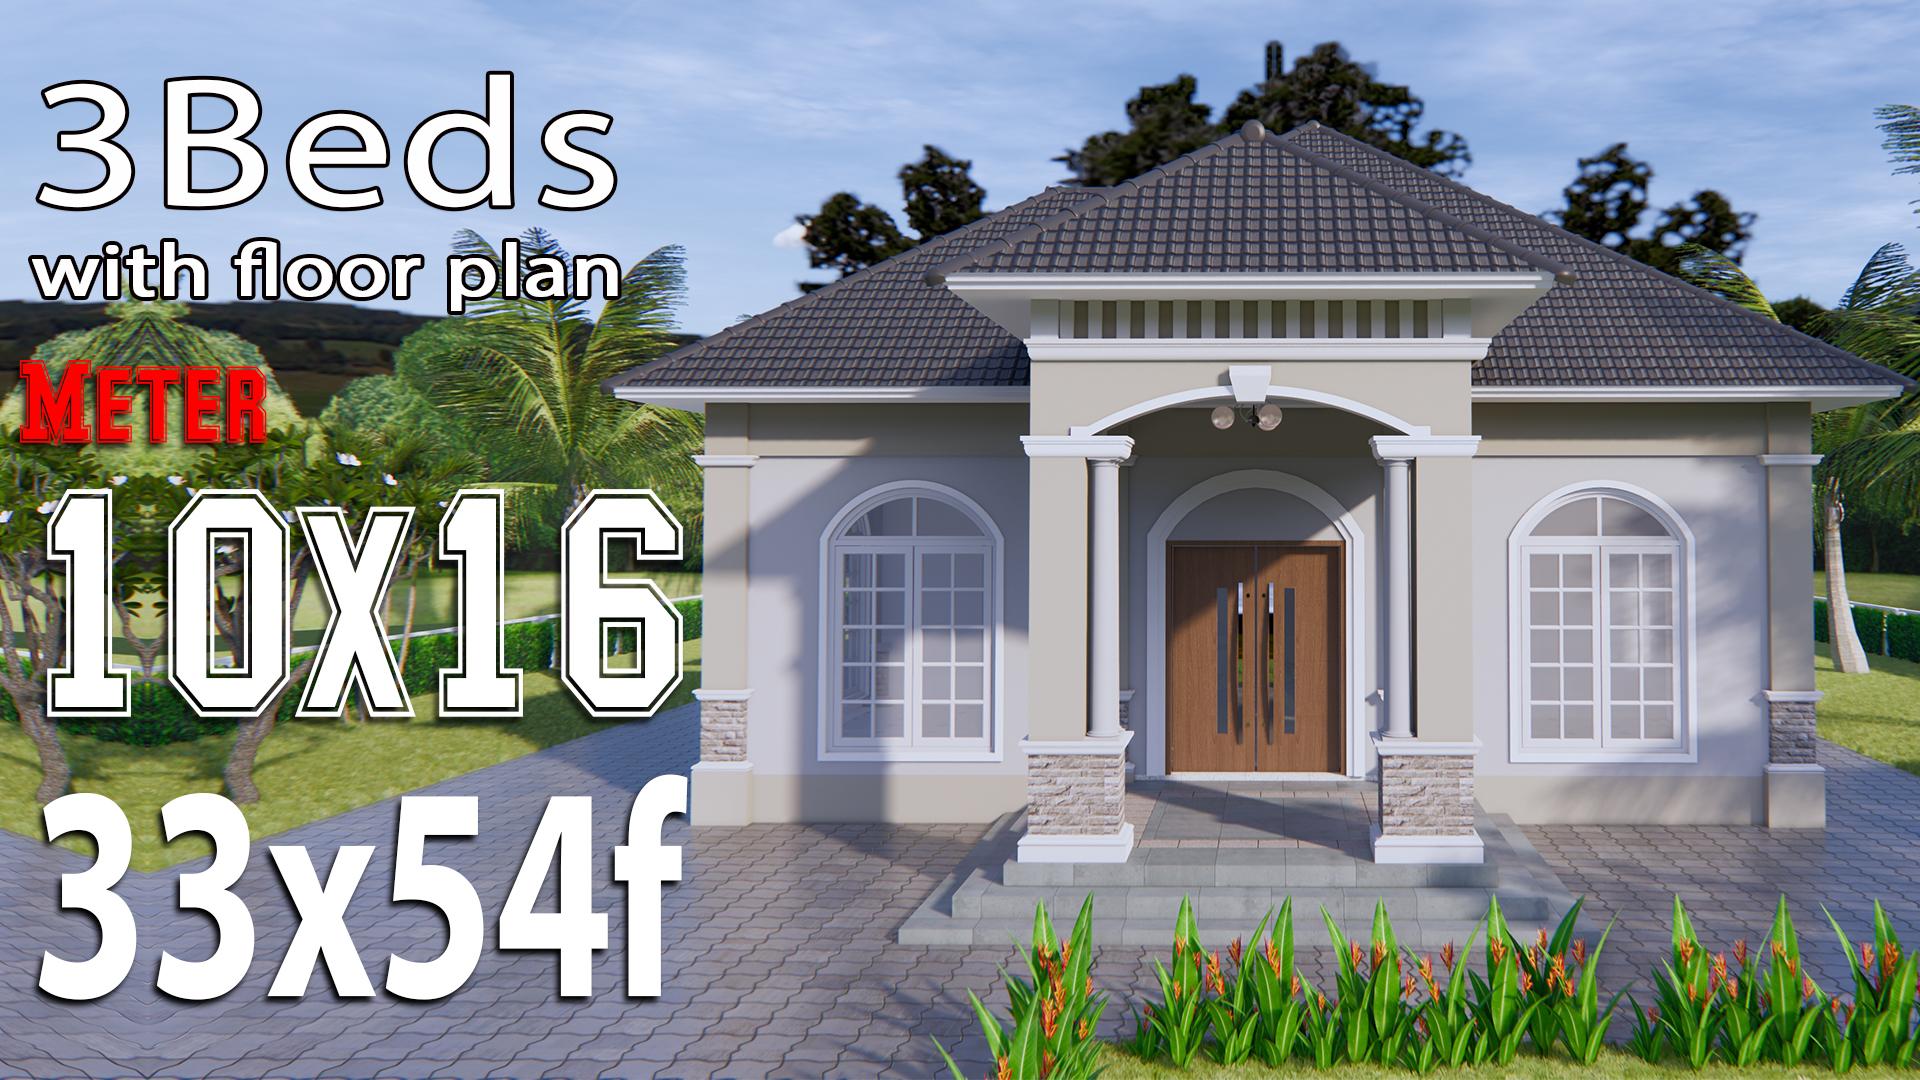 House Plans 33x54 Feet 10x16 Meter Hip Roof Samhouseplans